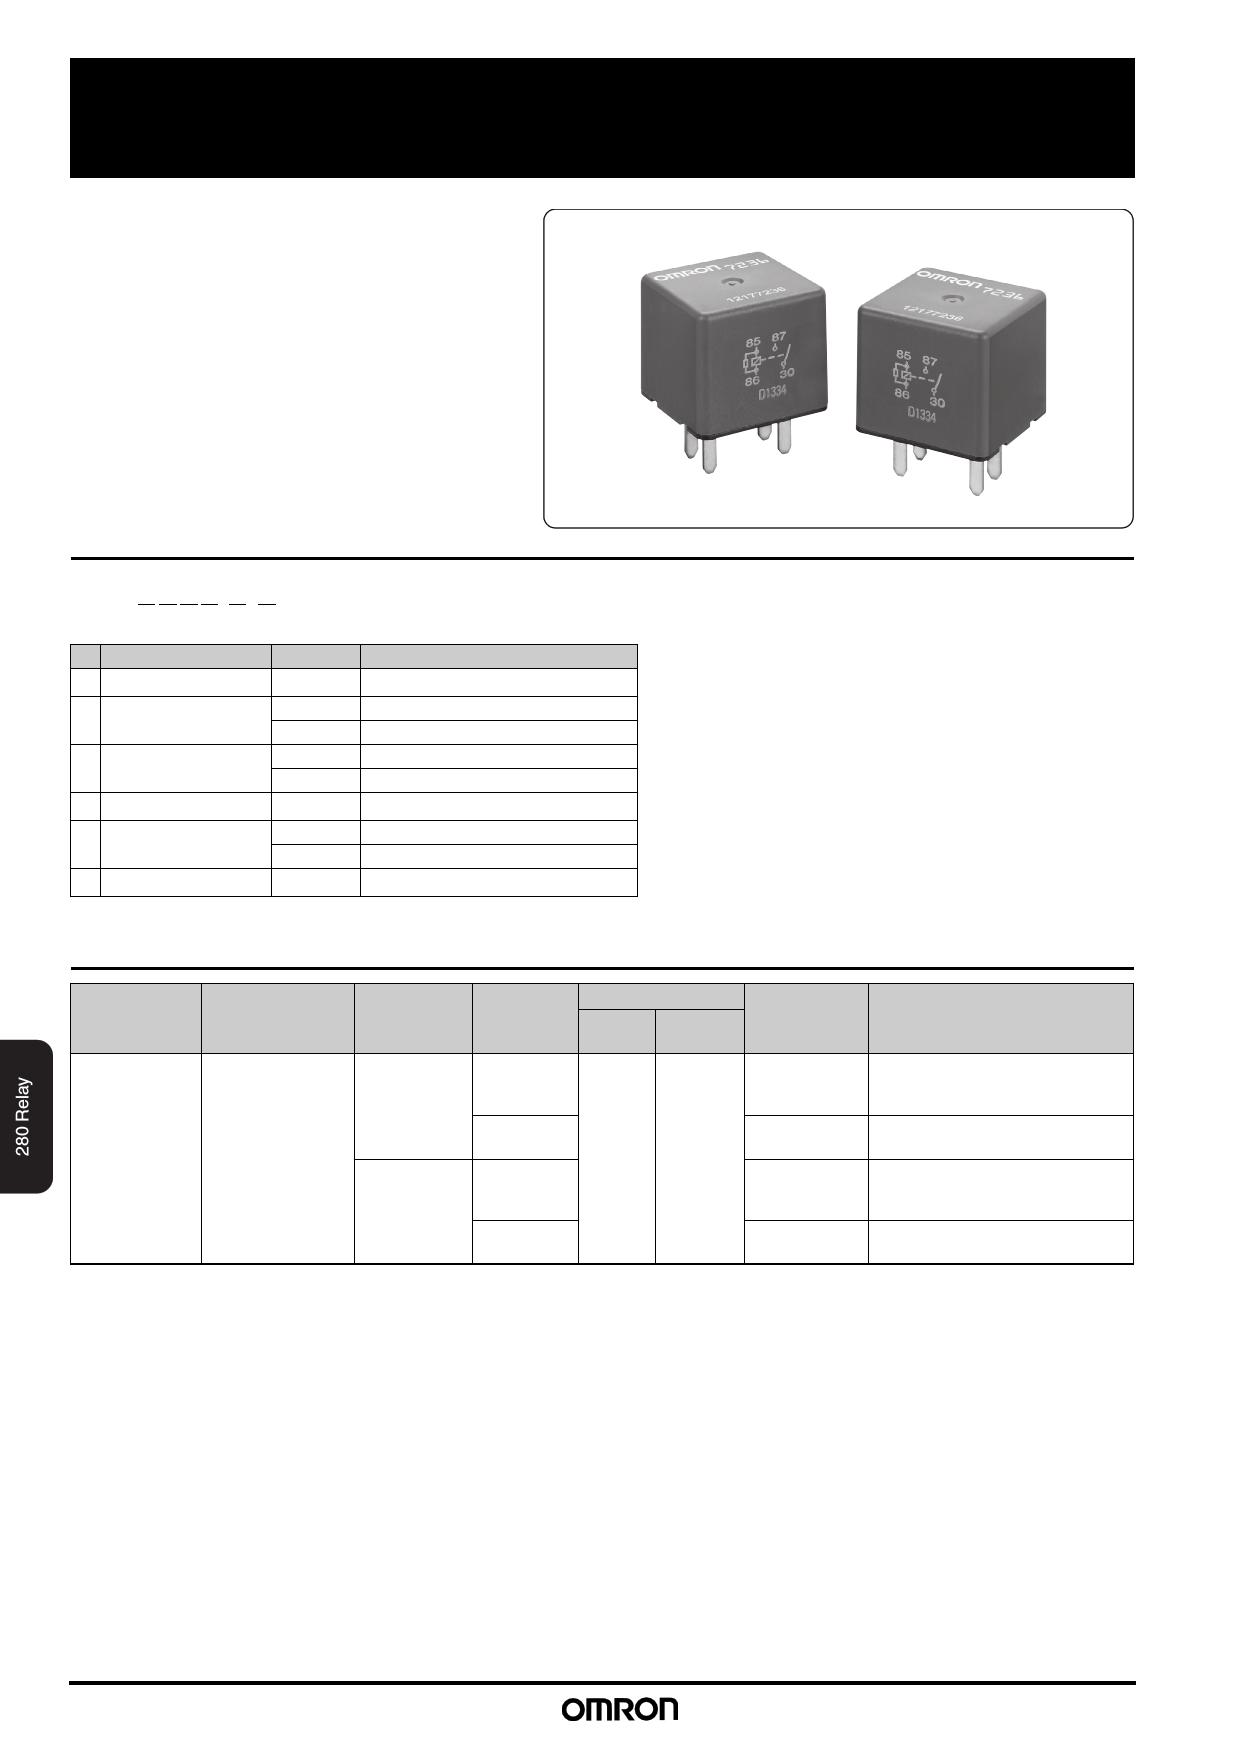 G8W-1C6T-F-R Datasheet, G8W-1C6T-F-R PDF,ピン配置, 機能